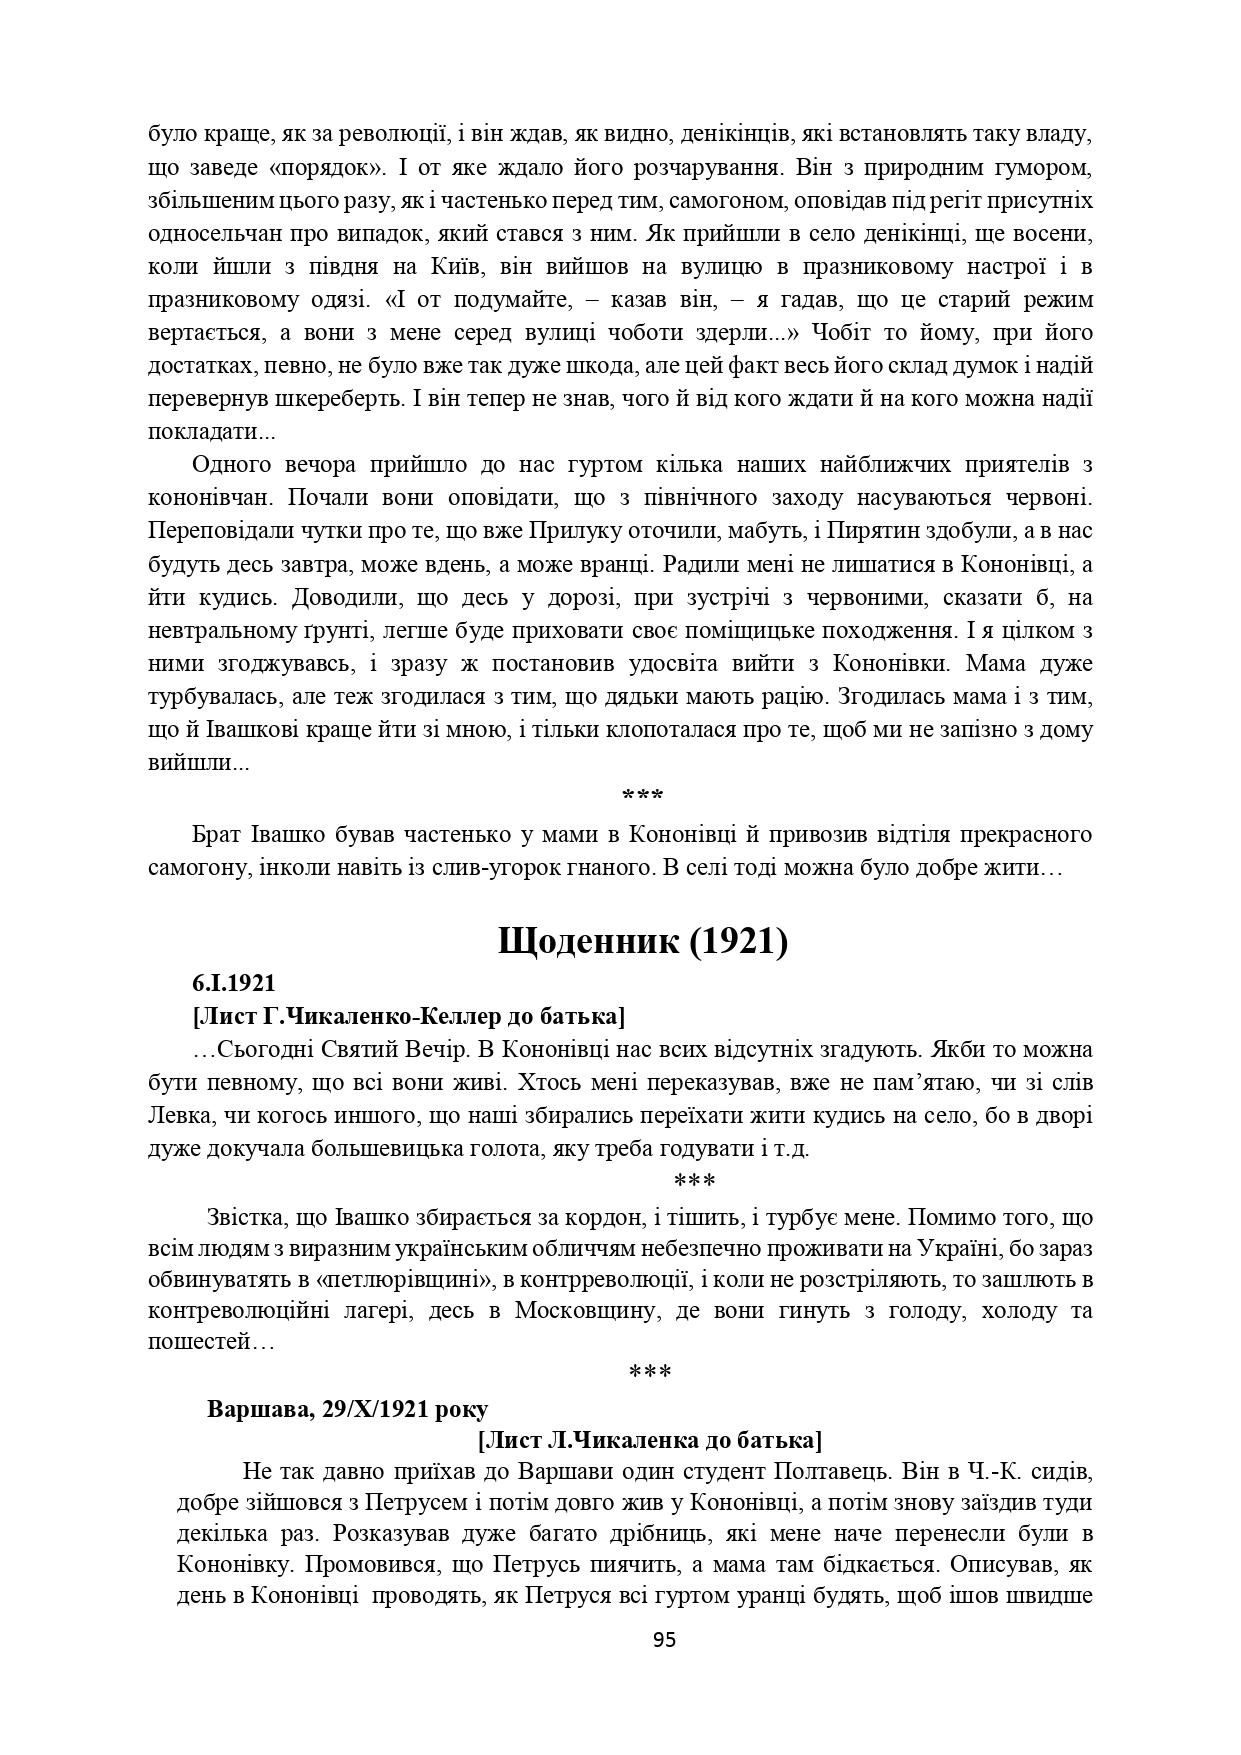 ІСТОРІЯ СЕЛА КОНОНІВКА 2021 (1)_page-0095